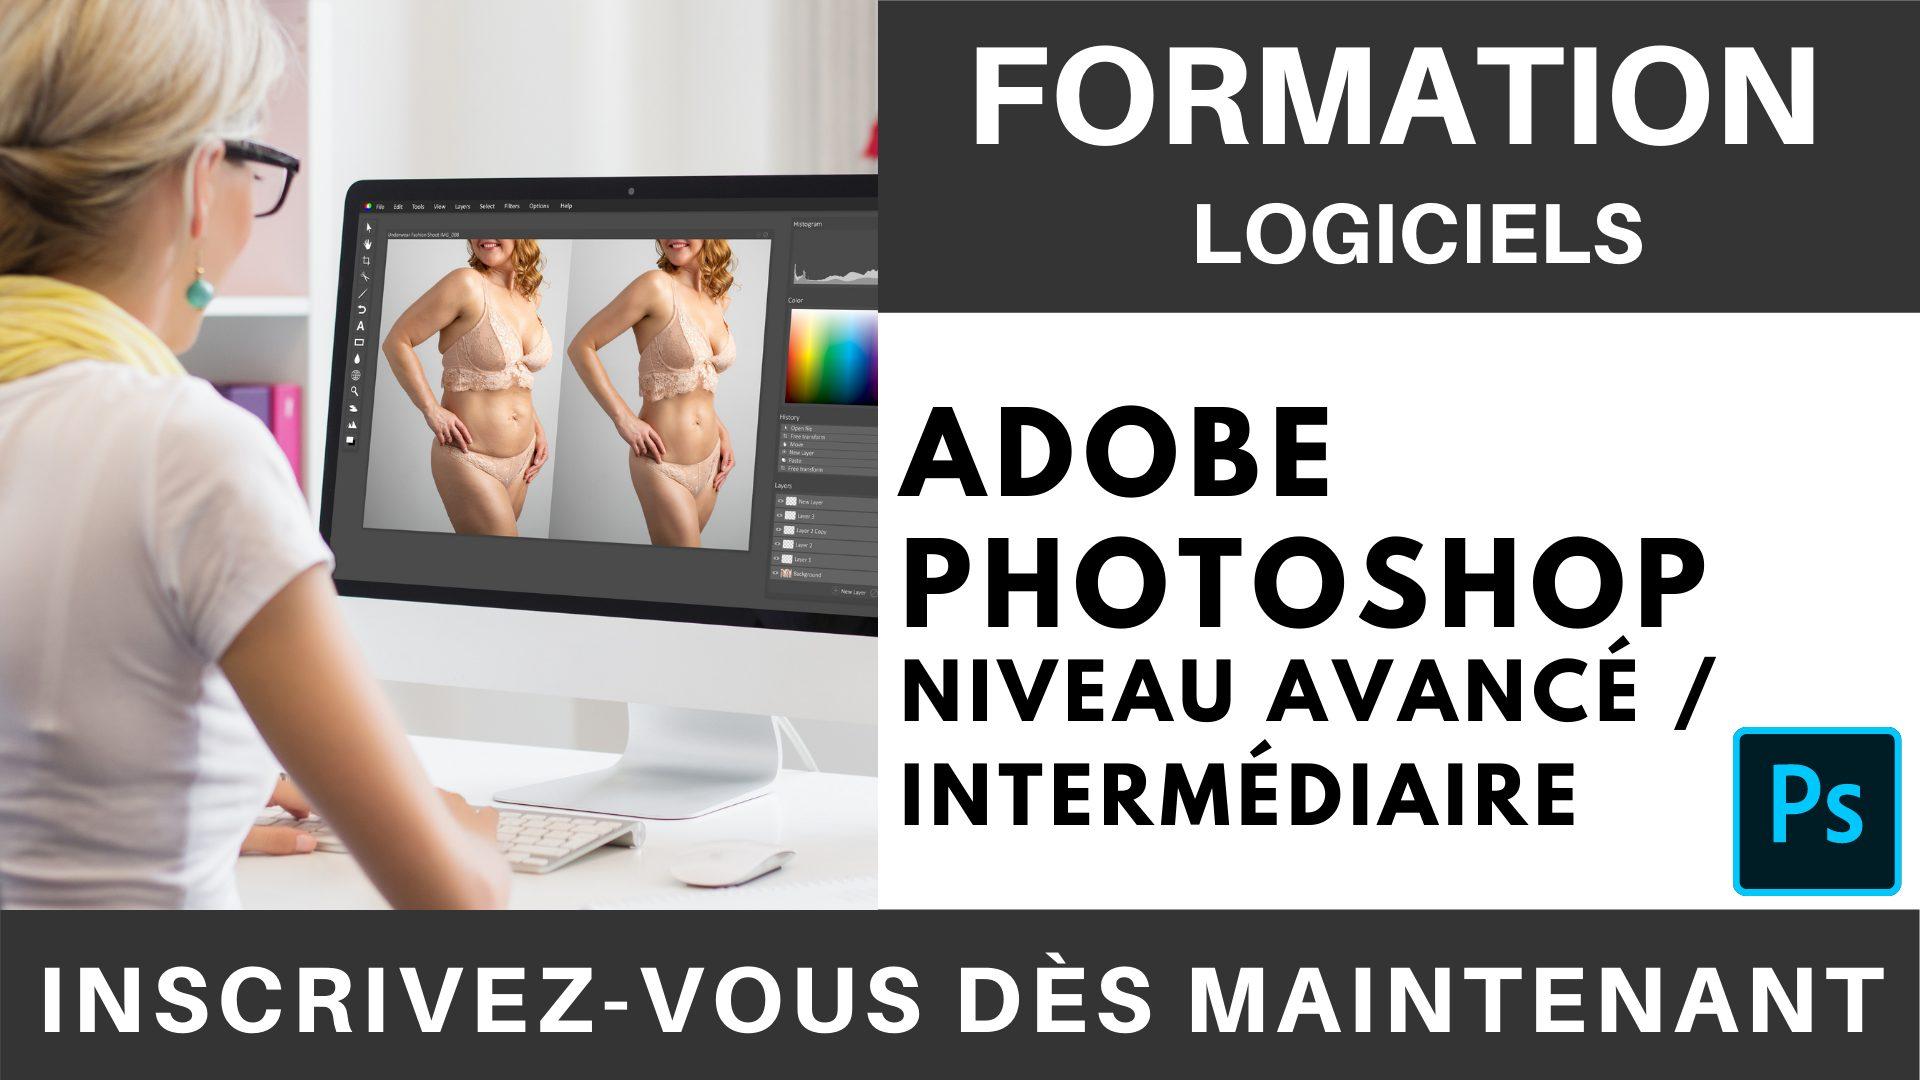 Formation LOGICIEL - Adobe Photoshop - Niveau intermédiaire/avancé